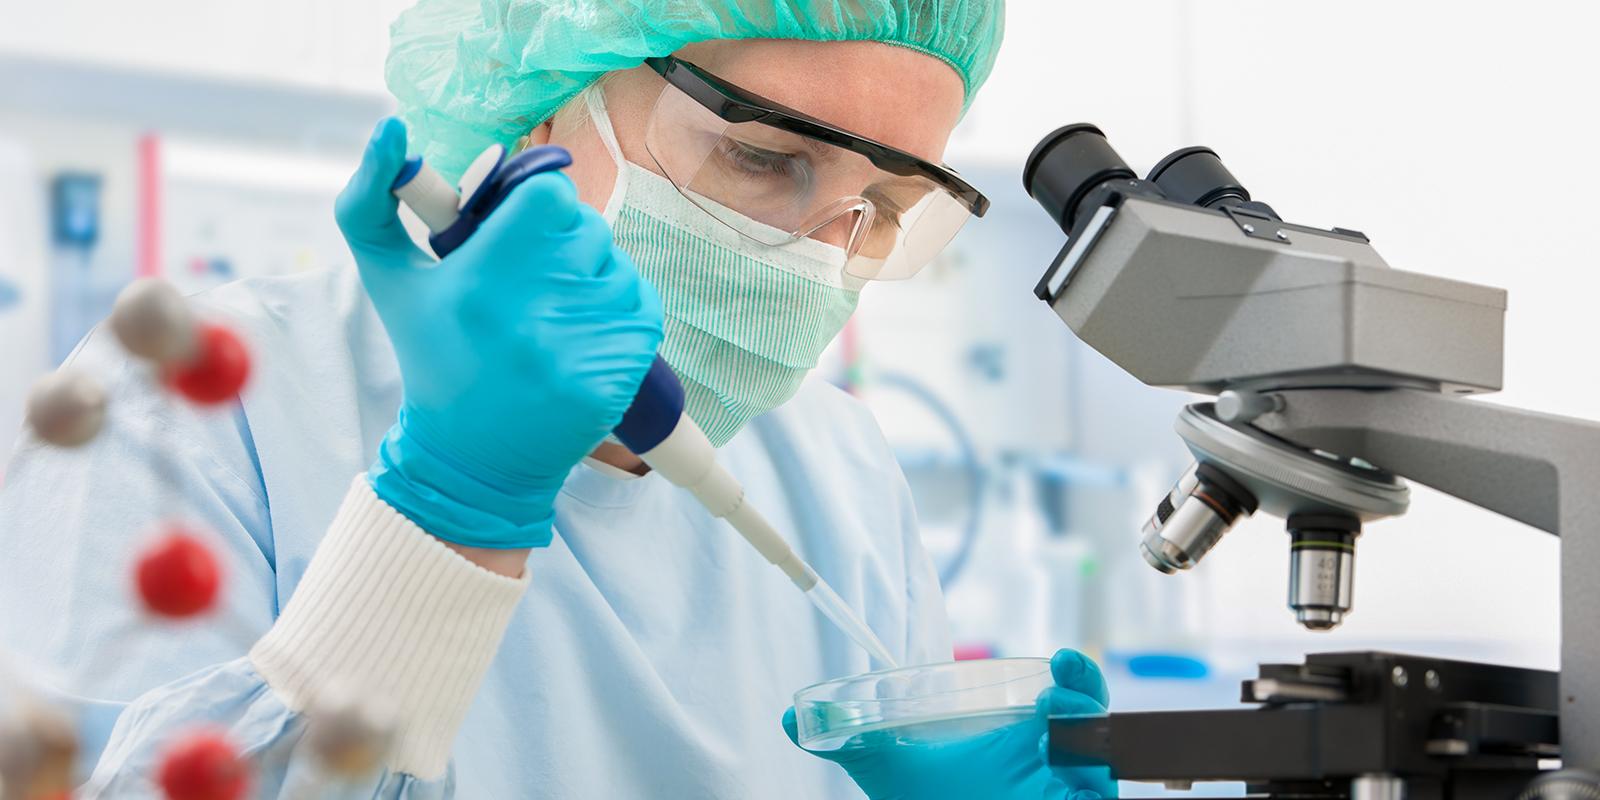 За ночь в Казахстане не выявлено новых случаев заражения коронавирусом – минздрав